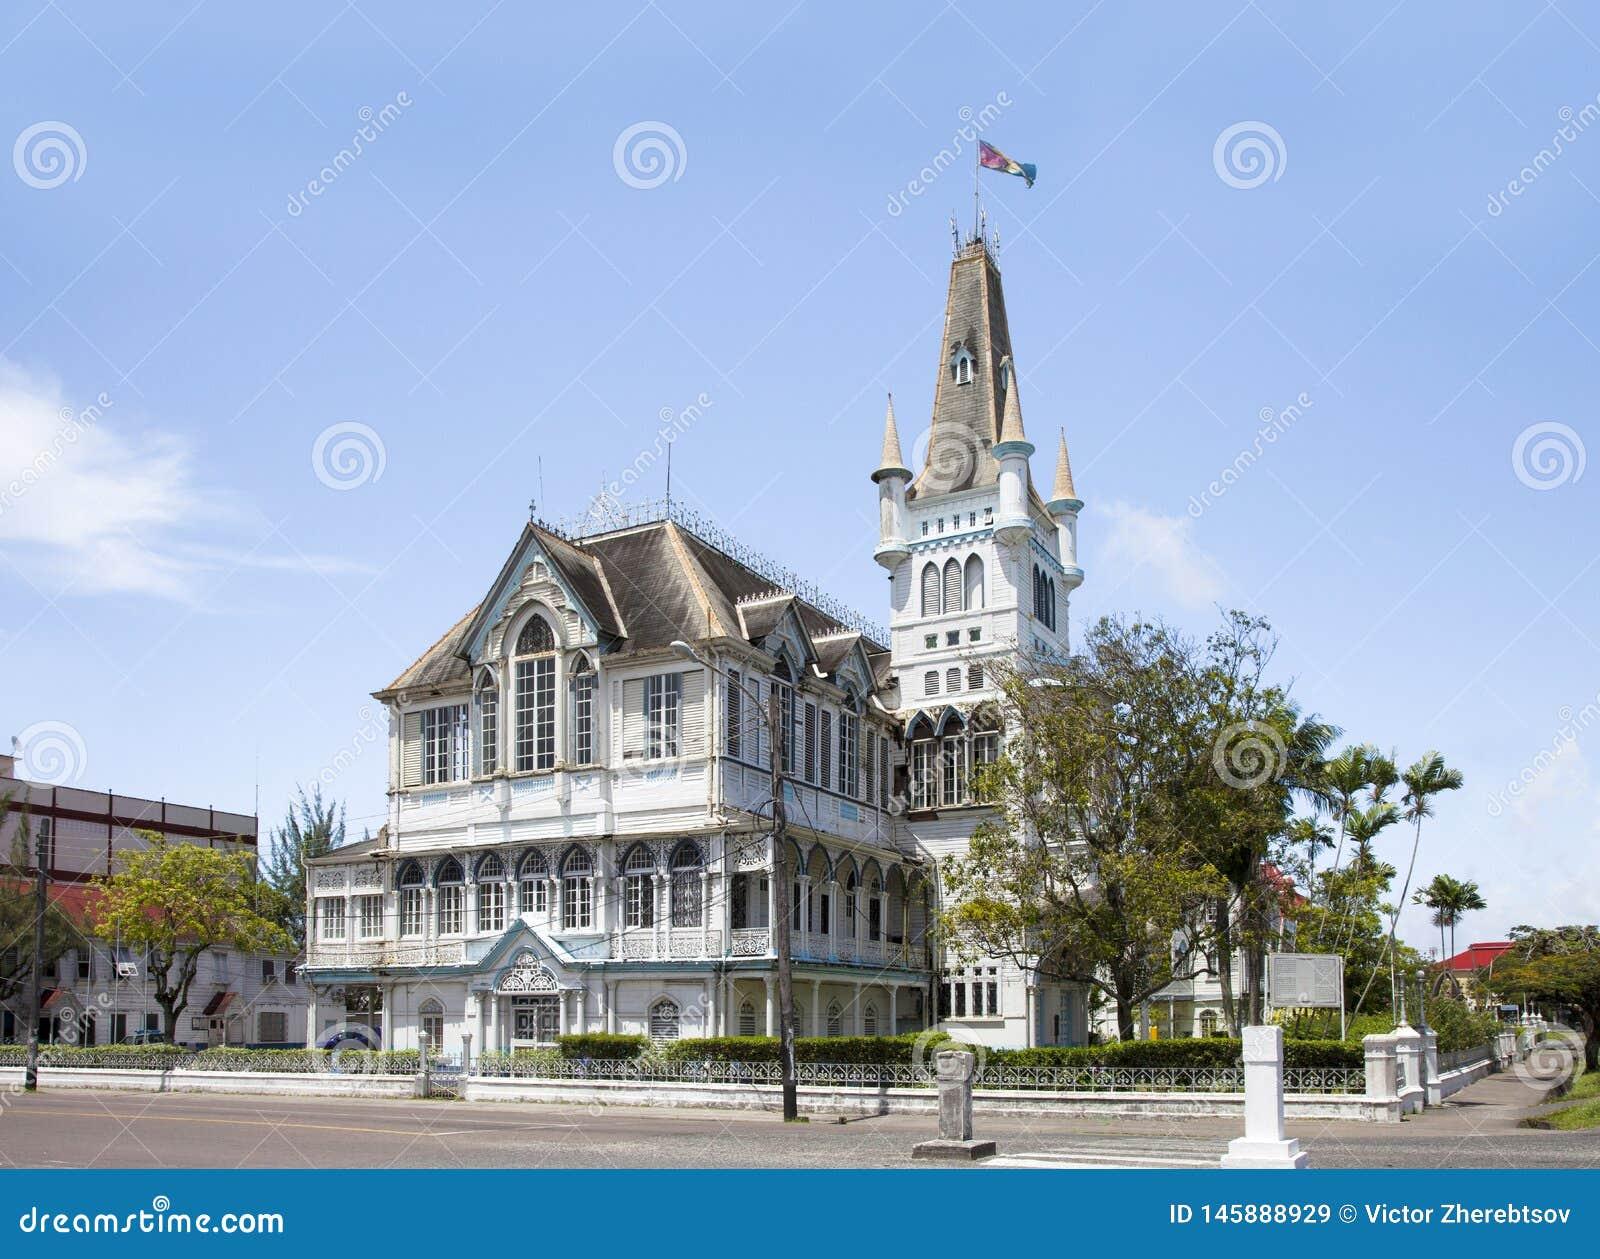 Vista il vecchio, di costruzione favolosa con una guglia e delle torri, nello stile gotico